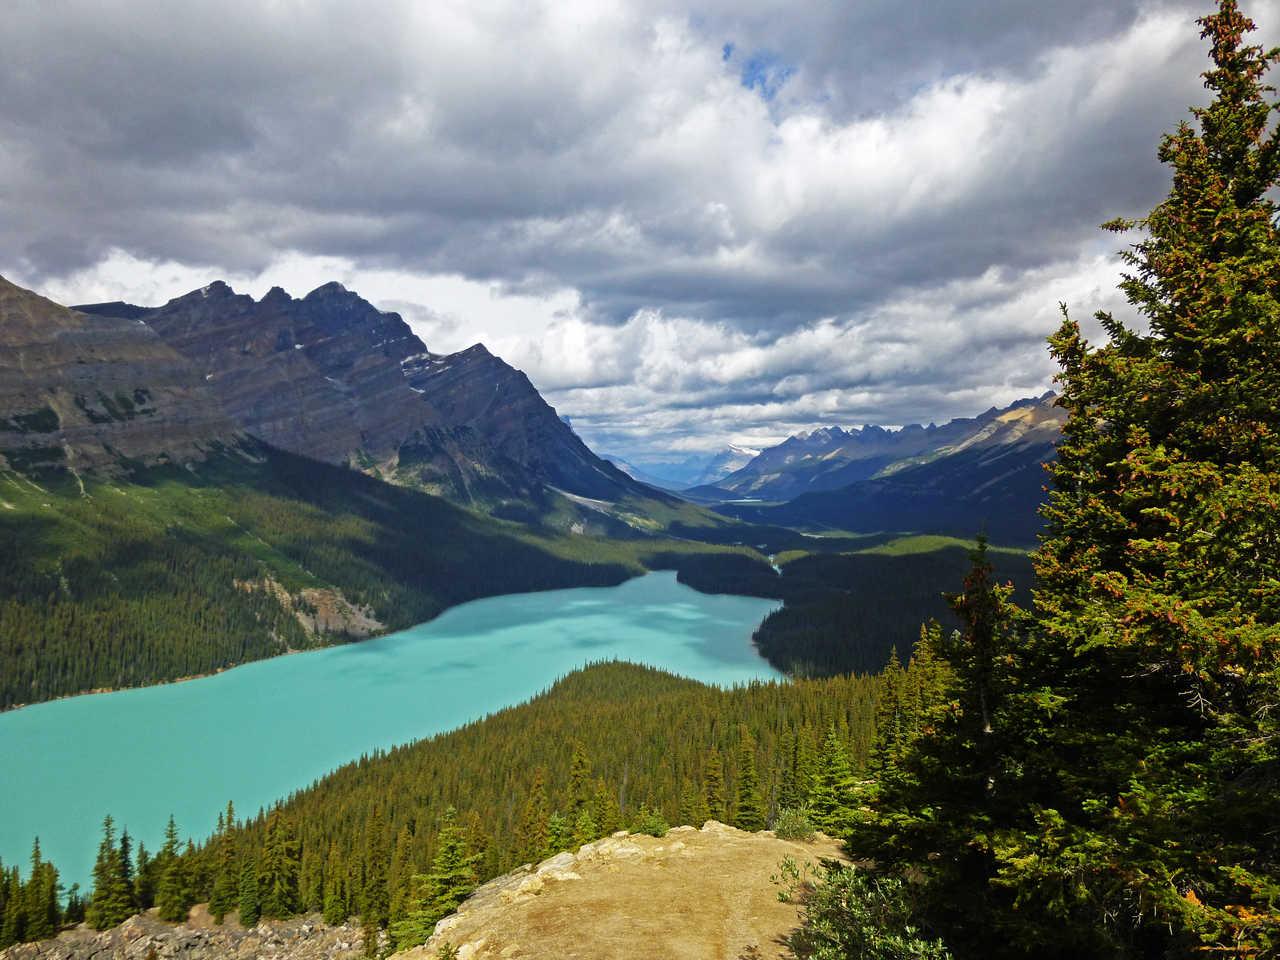 Vue sur le lac Peyto dans les Rocheuses Canadiennes